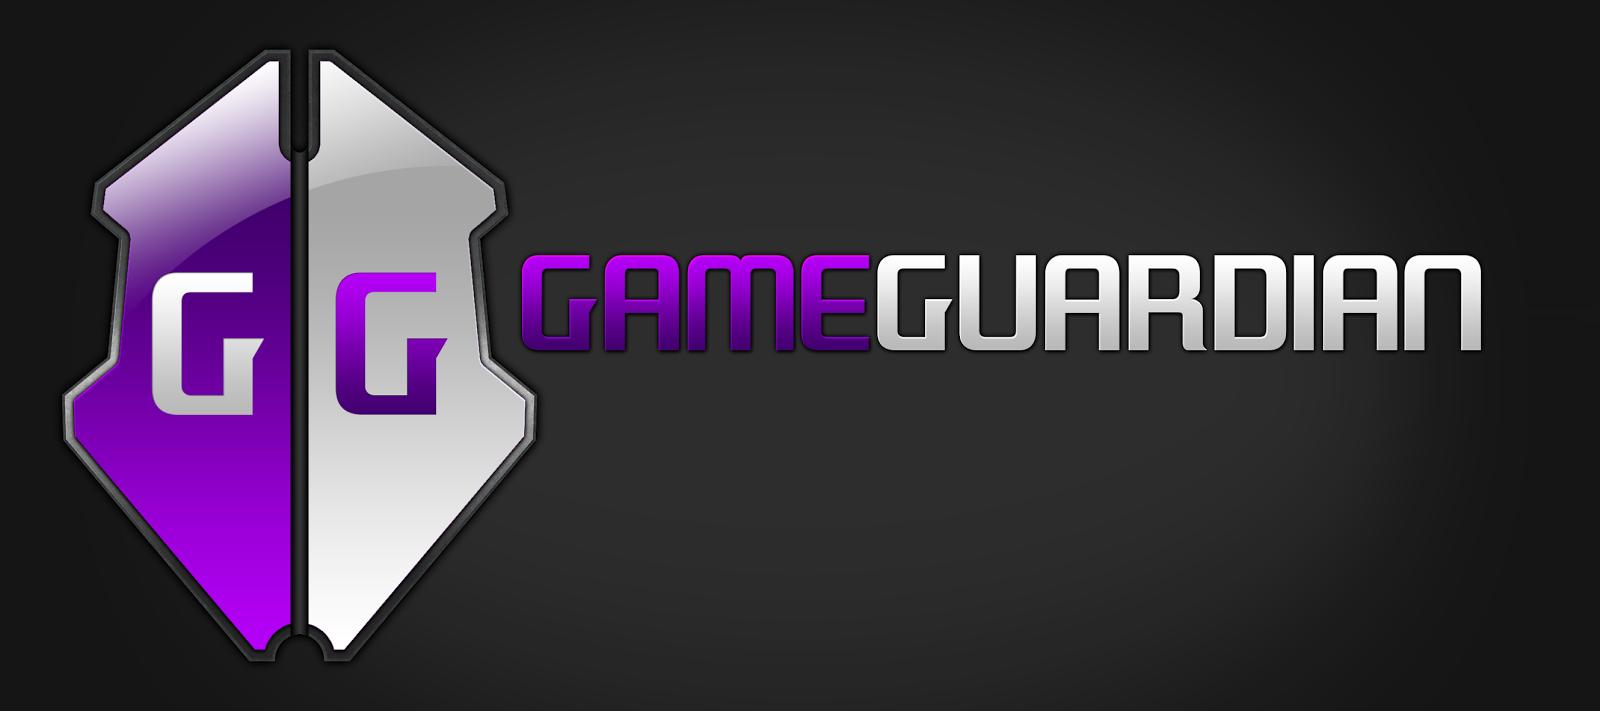 Download Gameguardian Pro V8 5 10 Hack Jogos Android Full